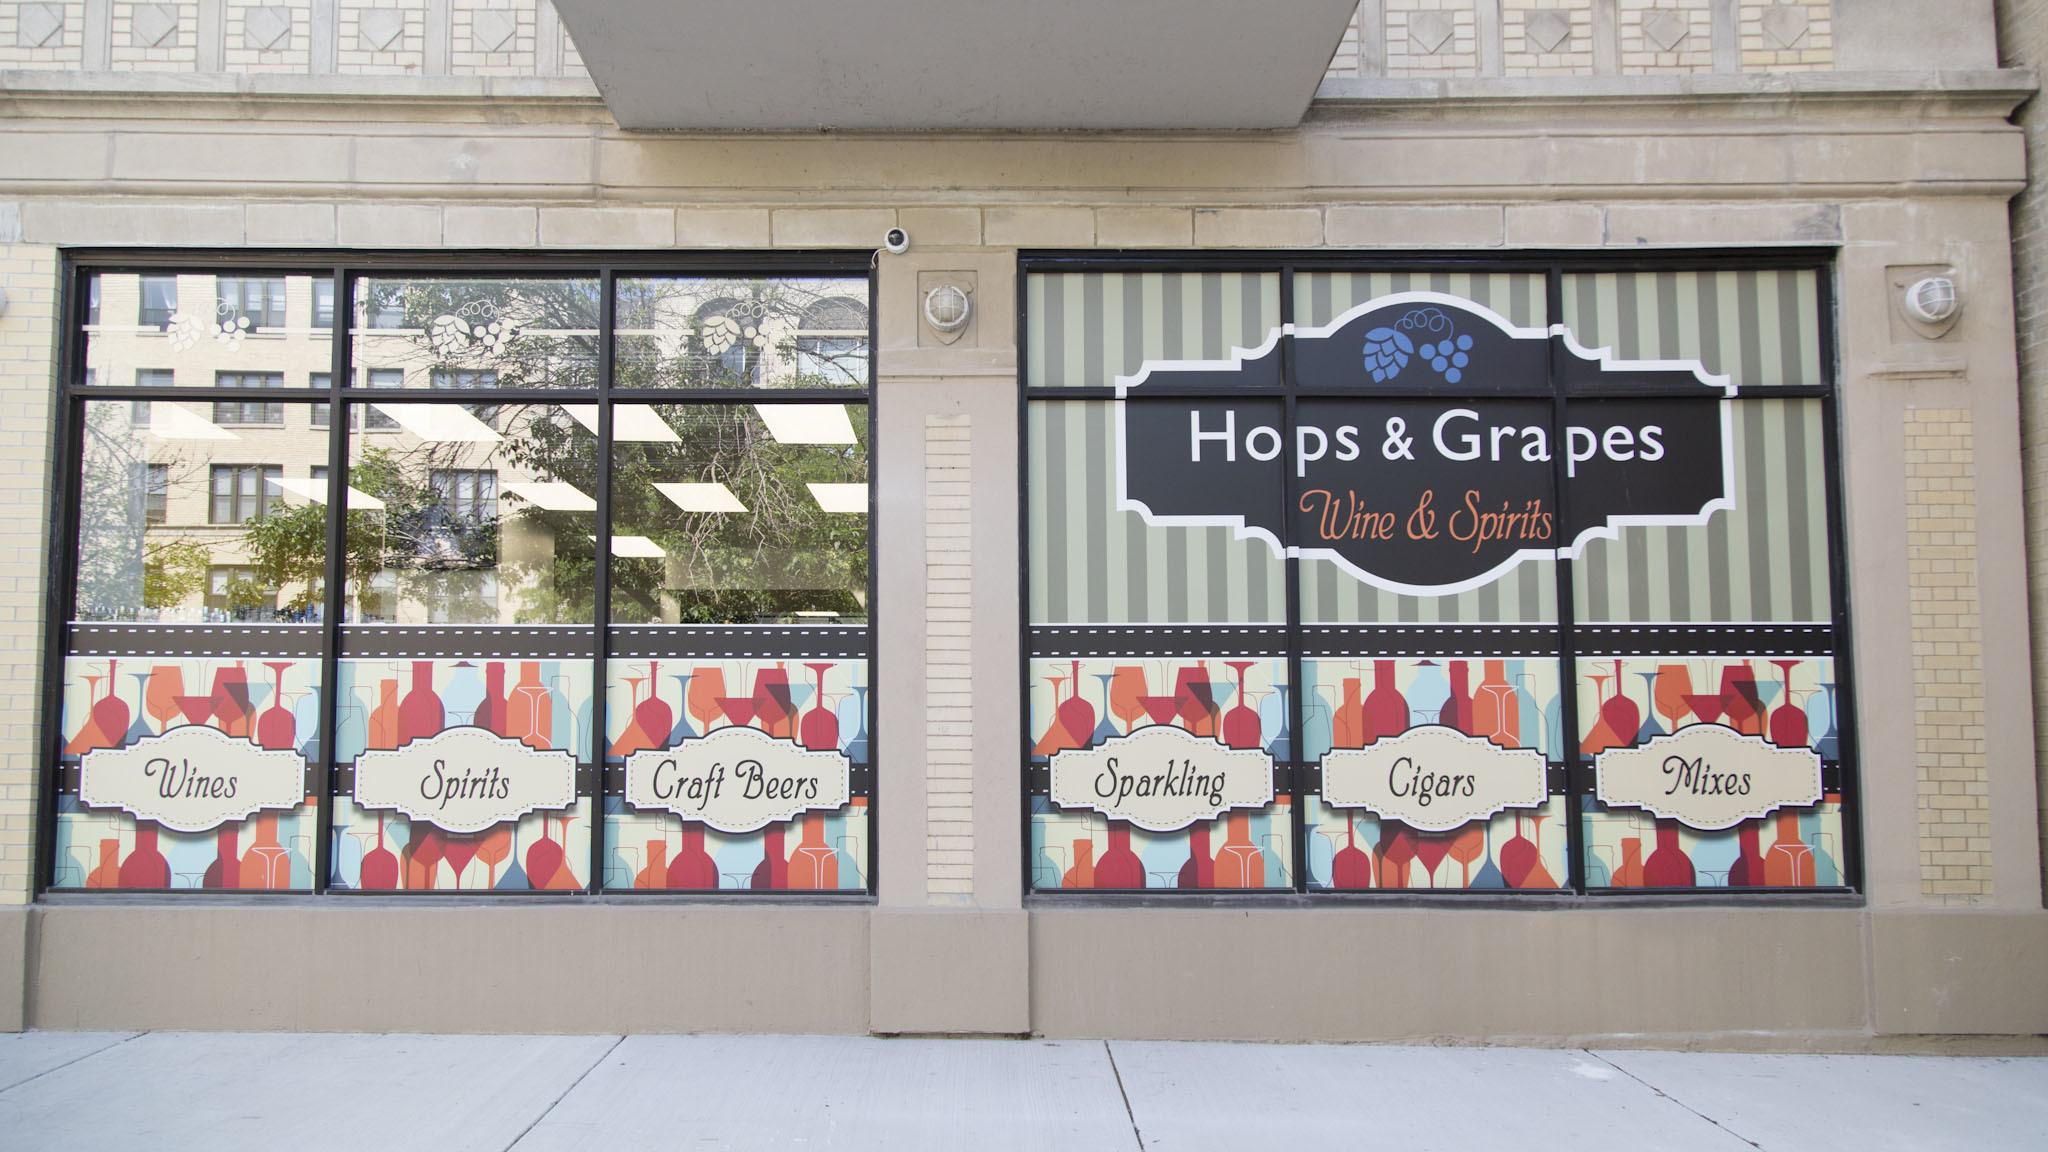 Hops & Grapes